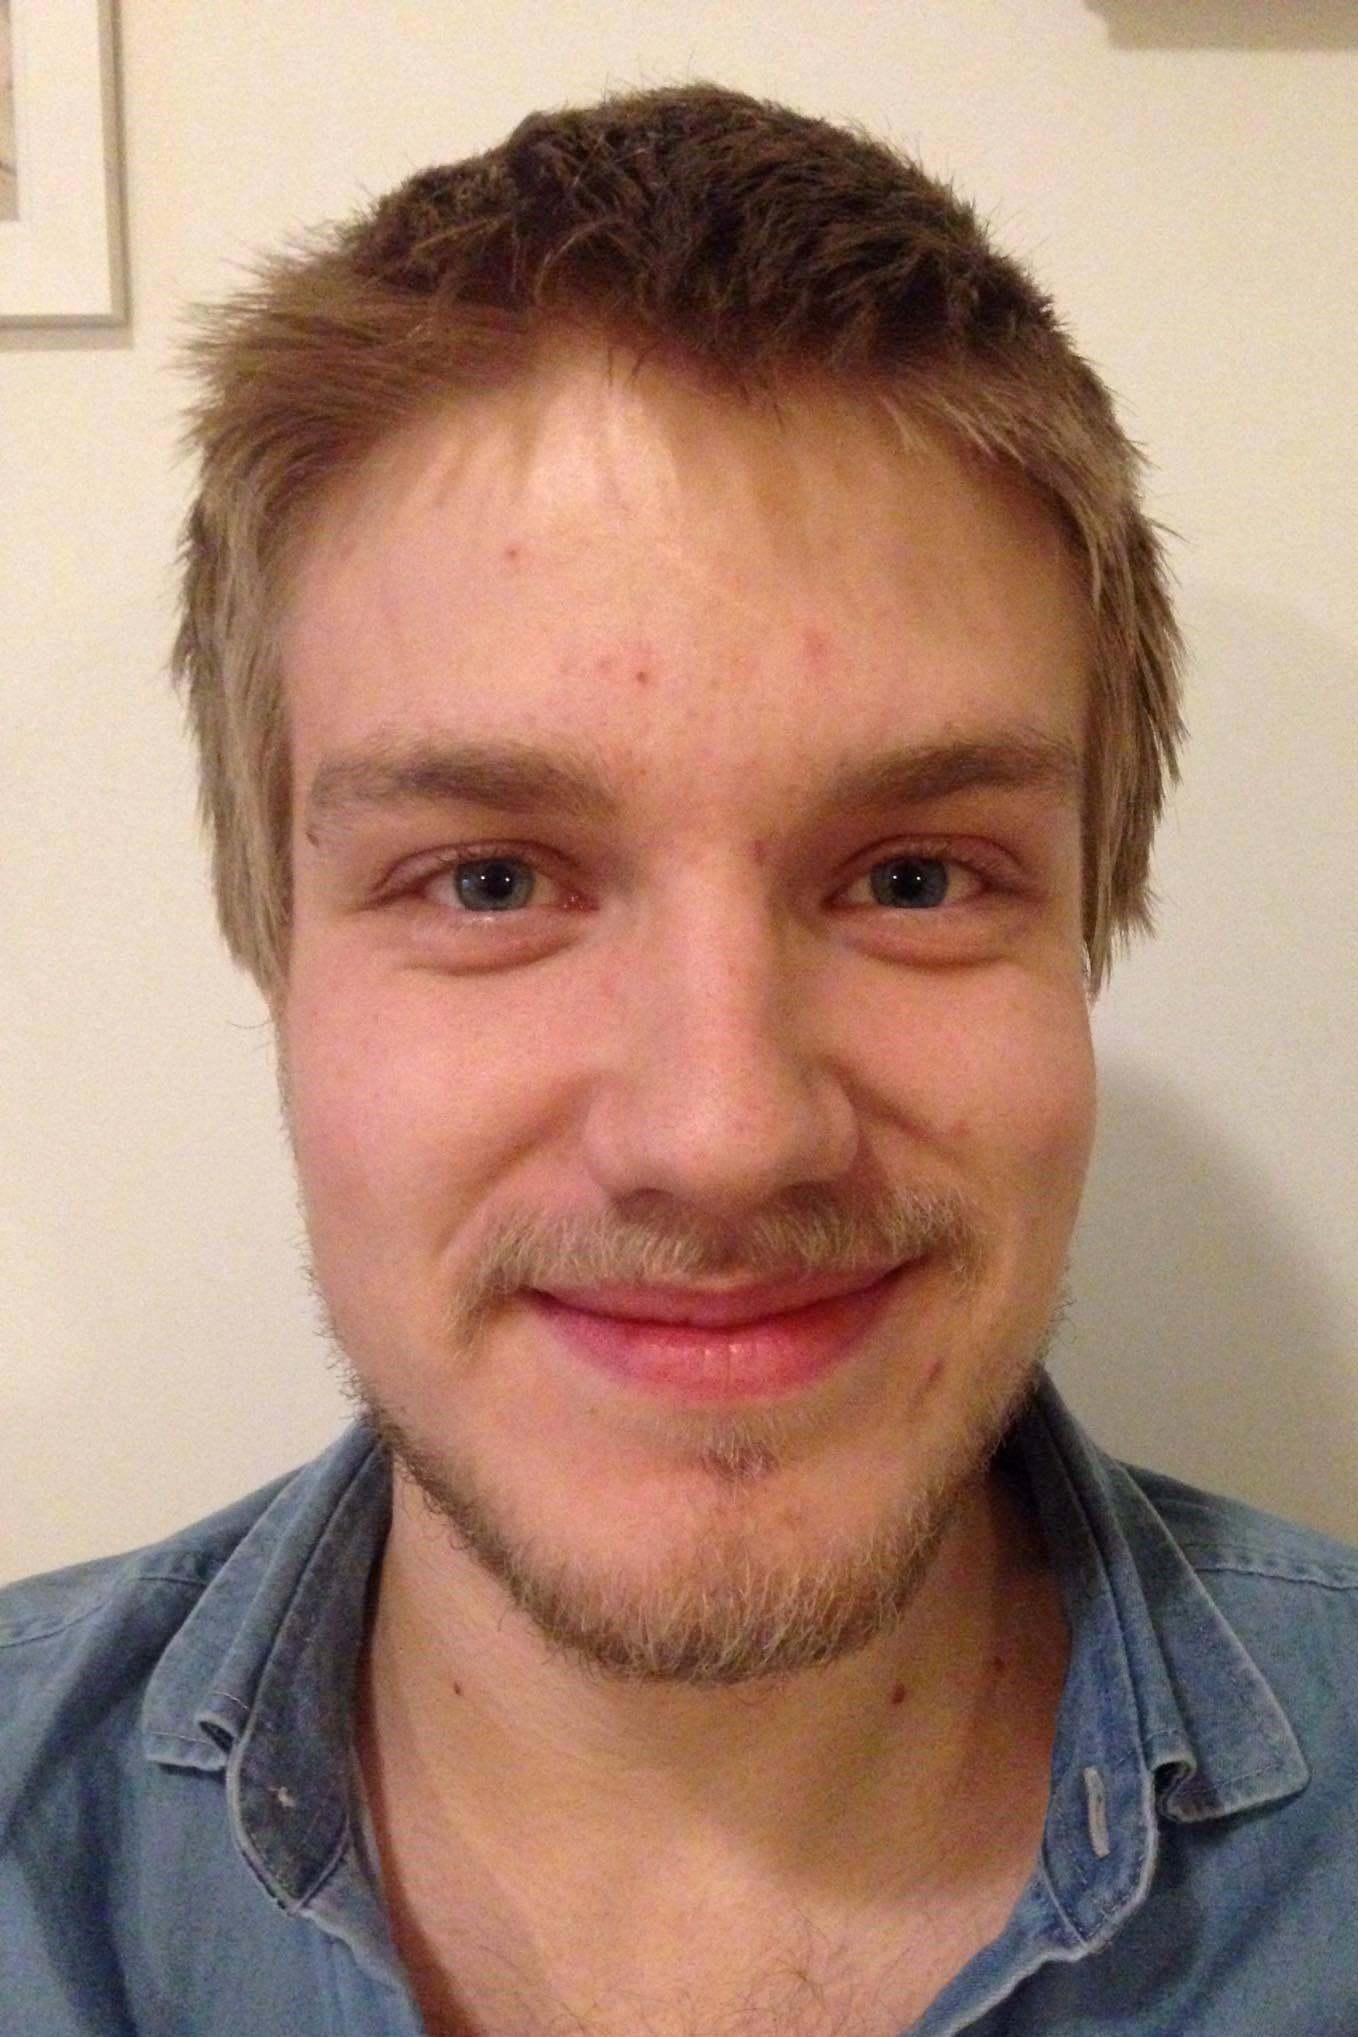 Øyvind Haugan Lien